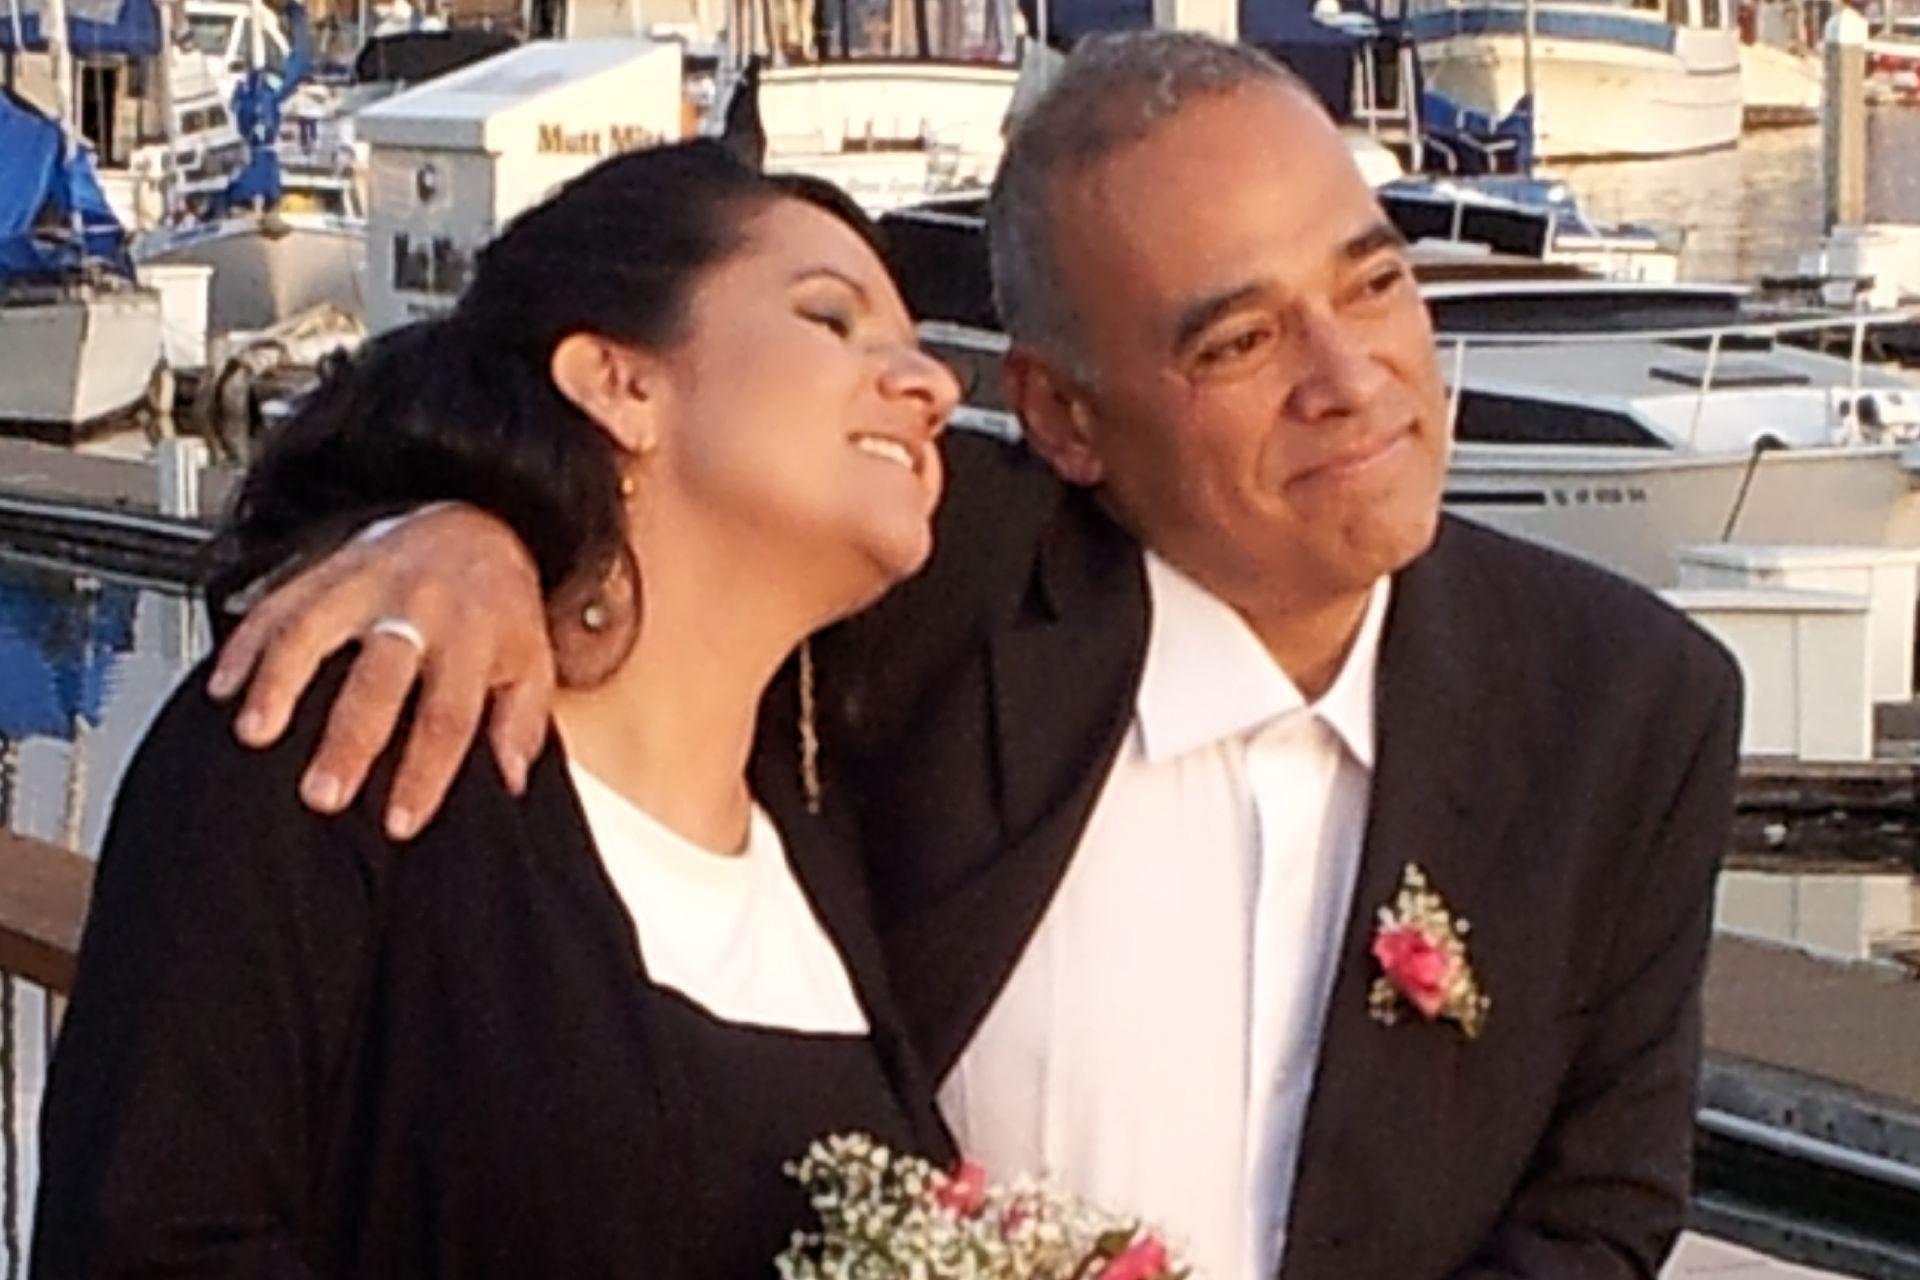 Diana y José, una conexión entre dos almas.